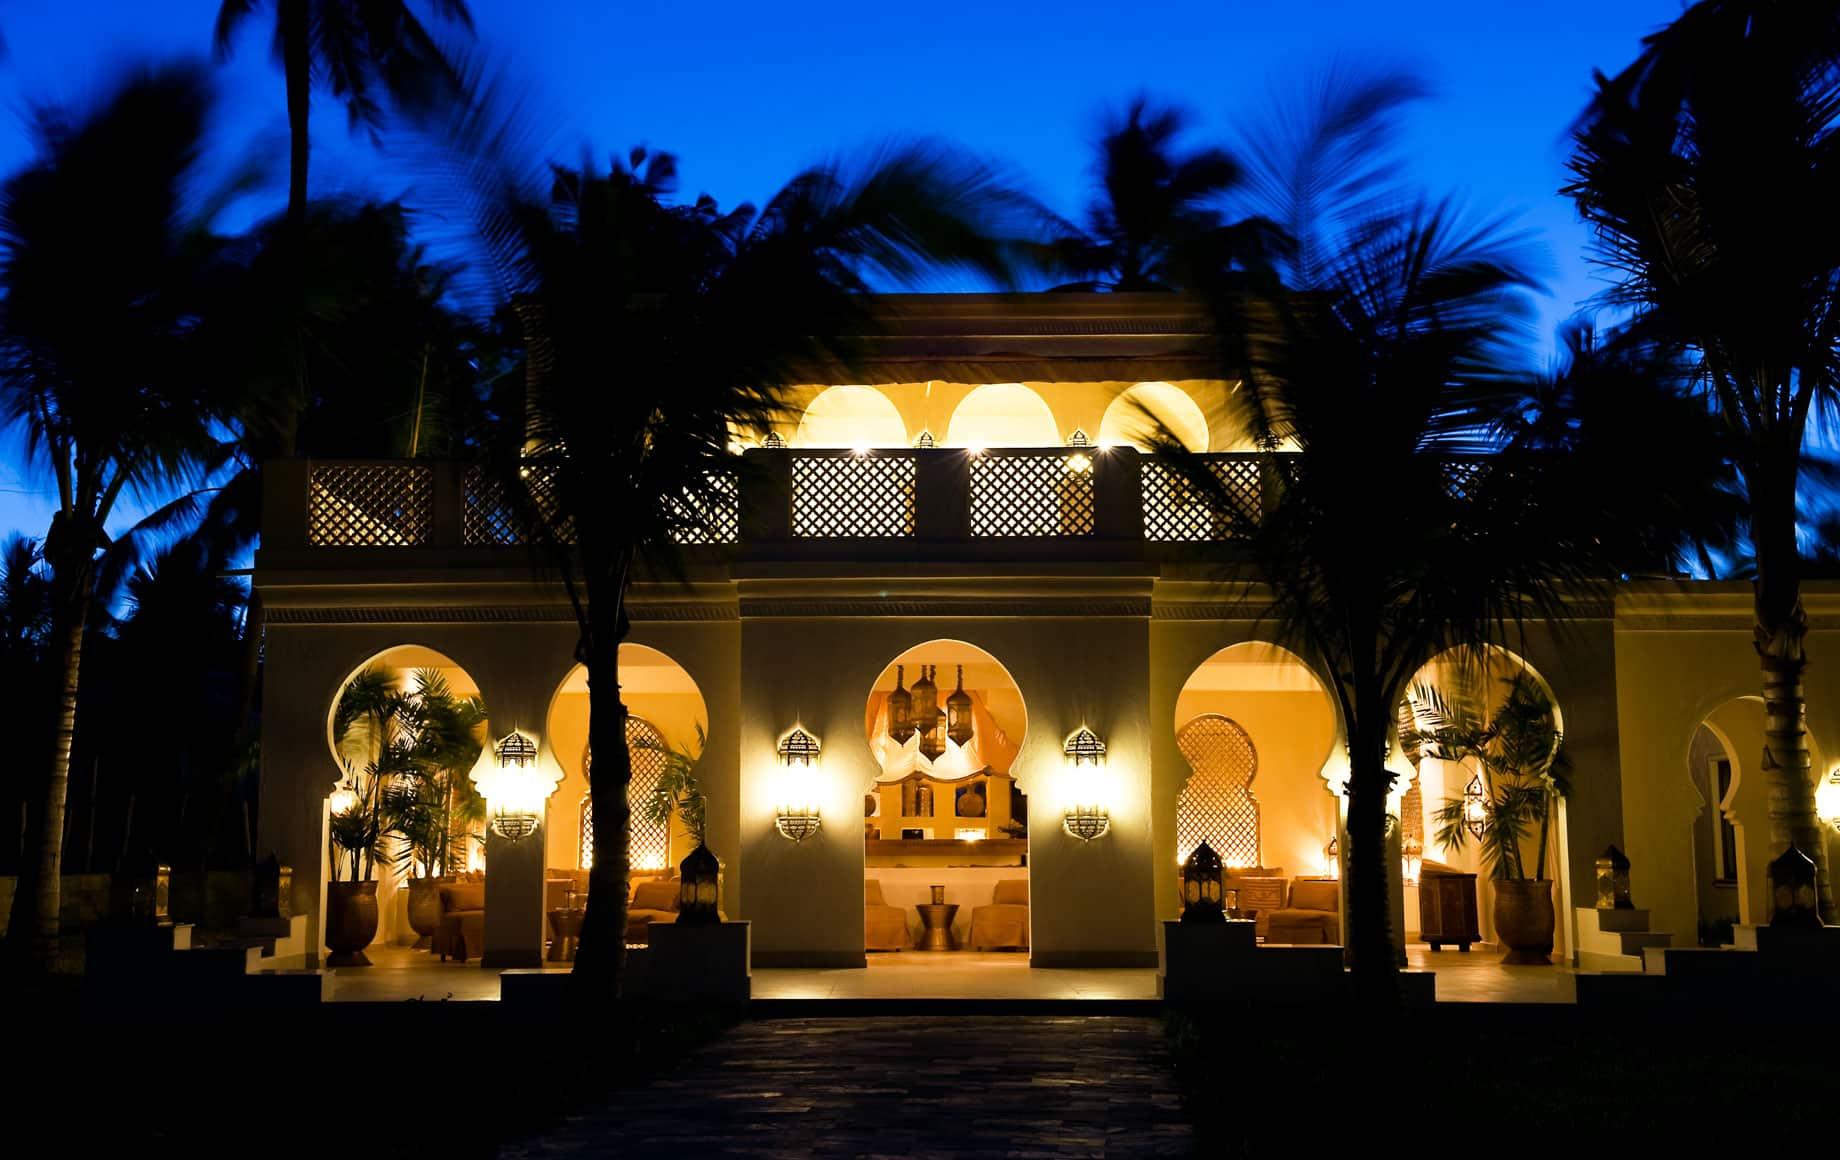 Exterior view of Baraza Resort & Spa at night